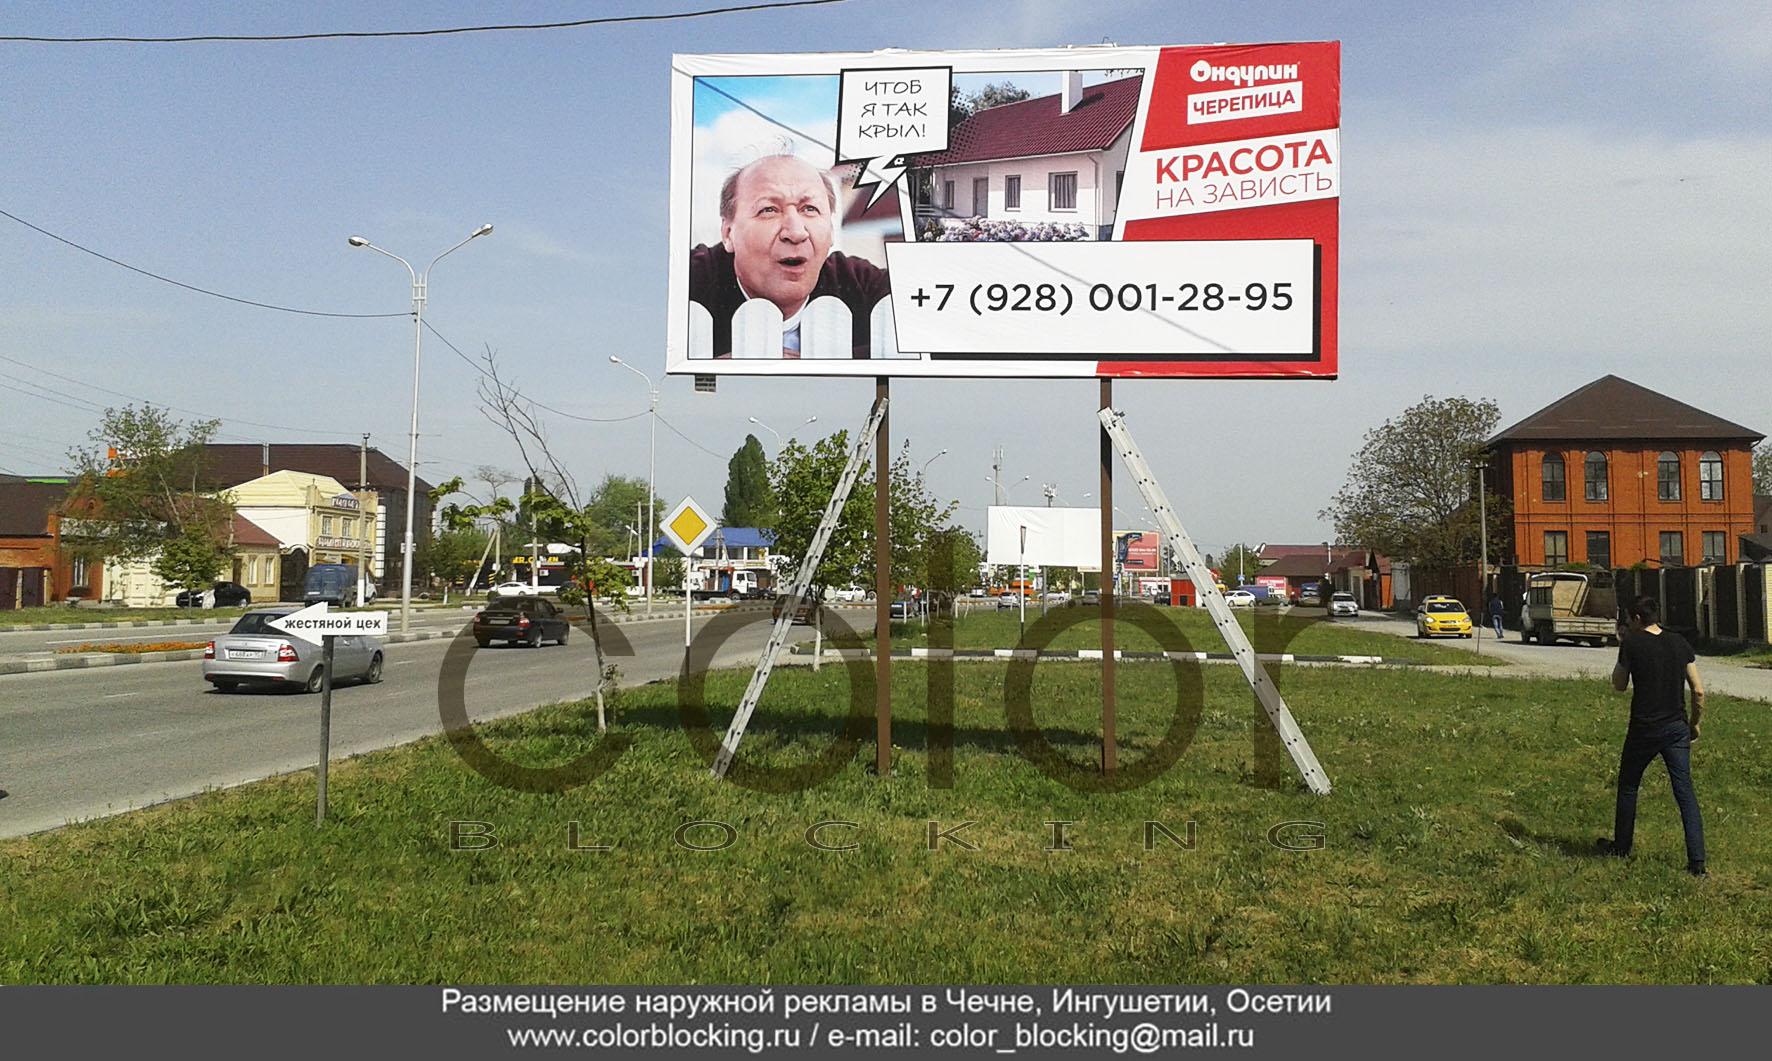 Наружная реклама 3х6 в Чечне щиты